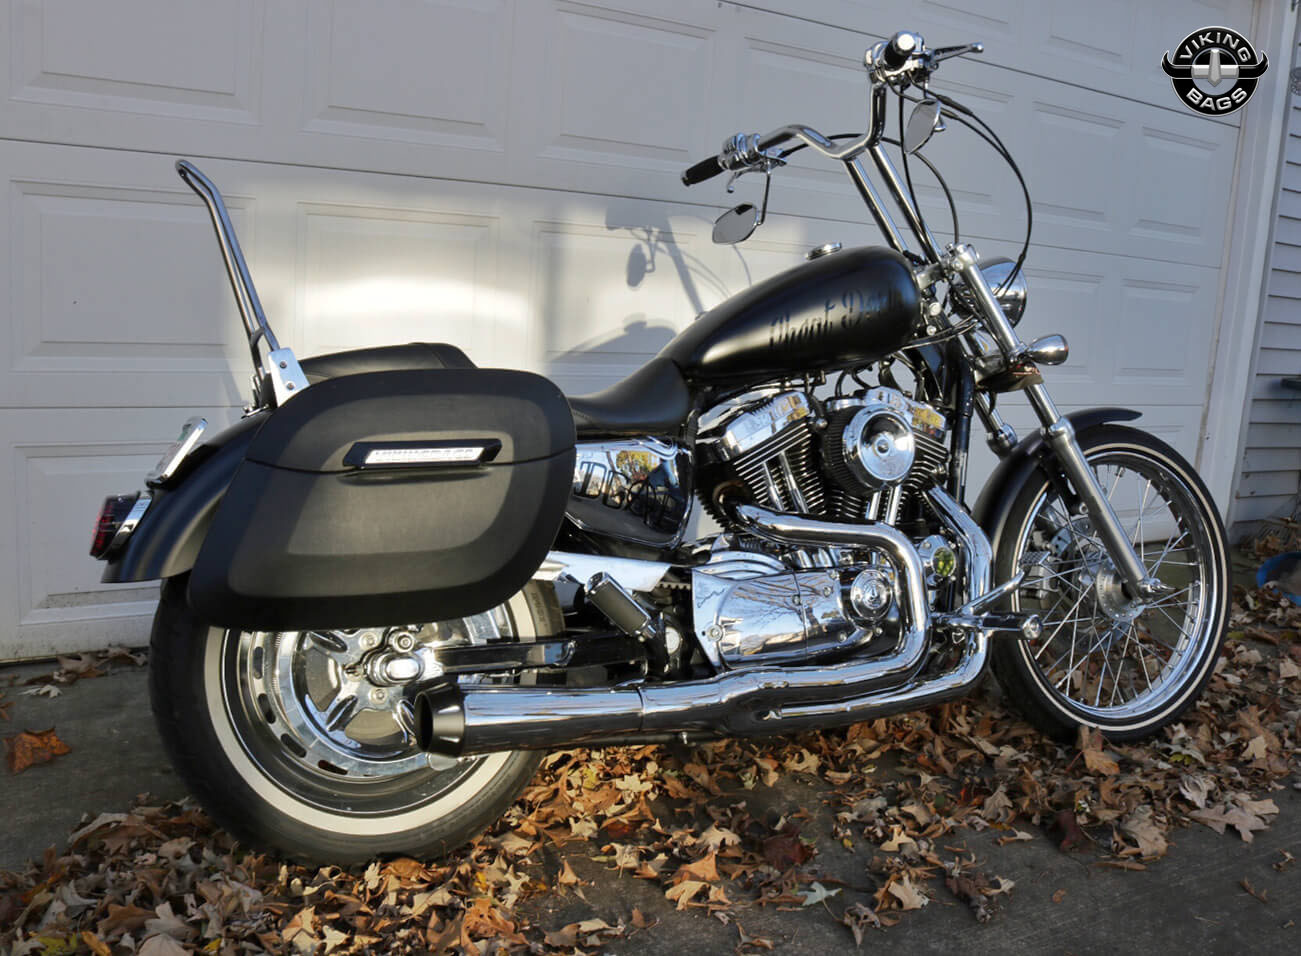 Harley Davidson Sportster Saddlebags - Viking Bags